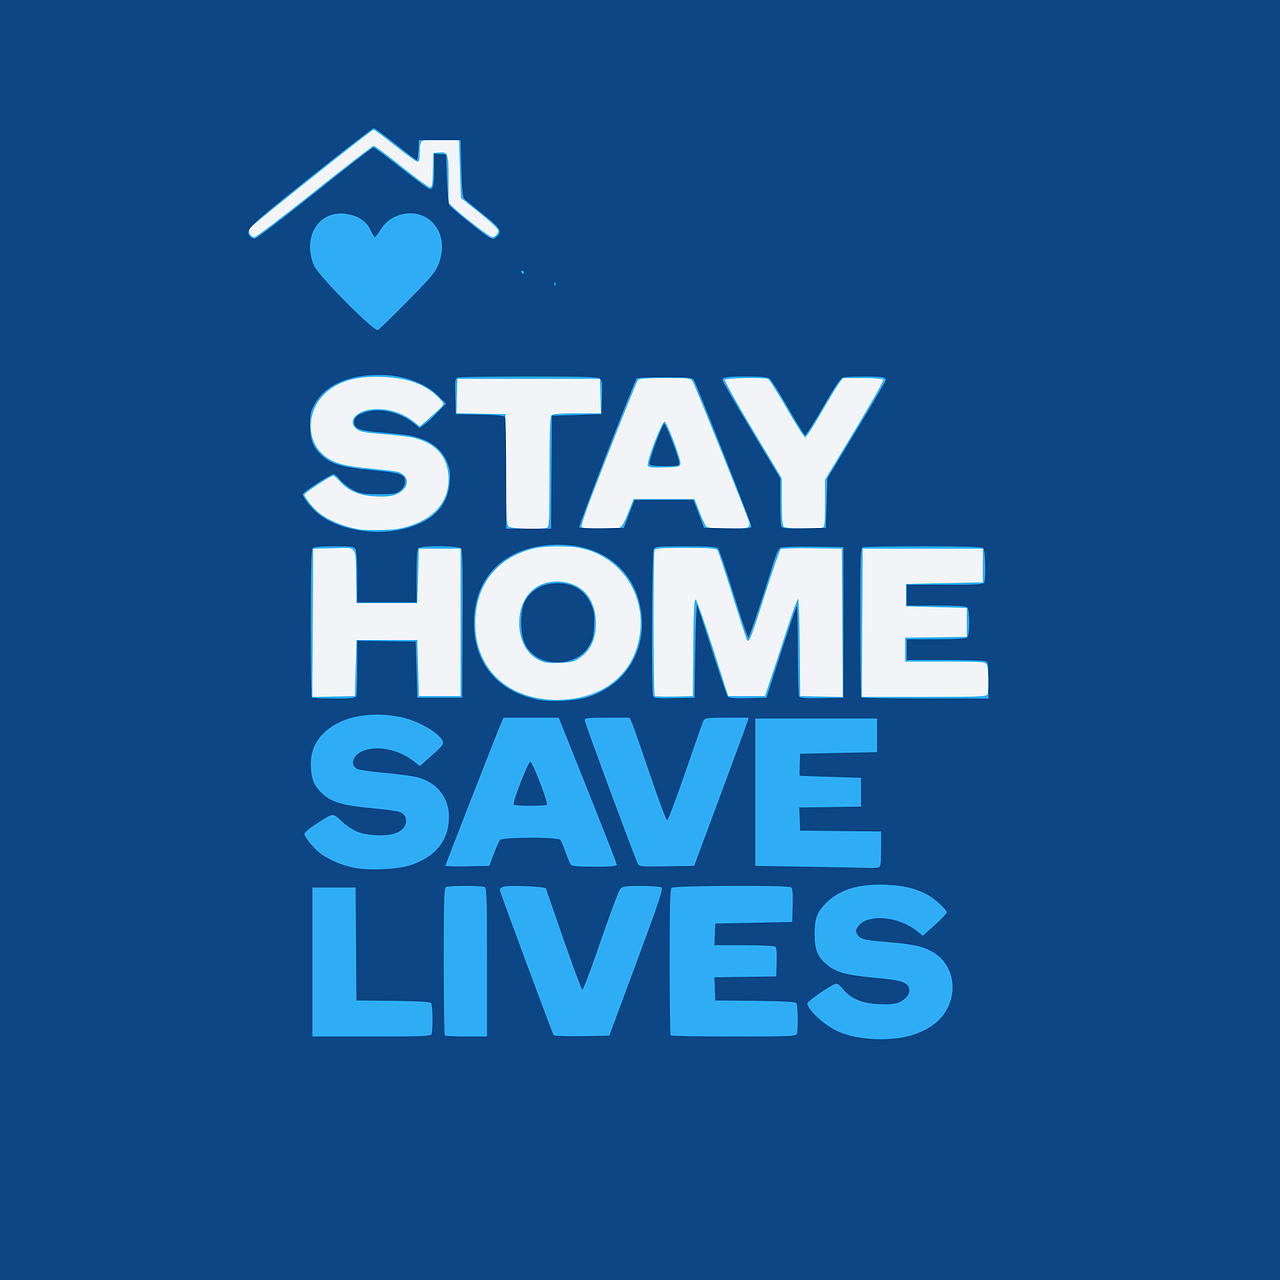 Zu Hause bleiben - Leben retten